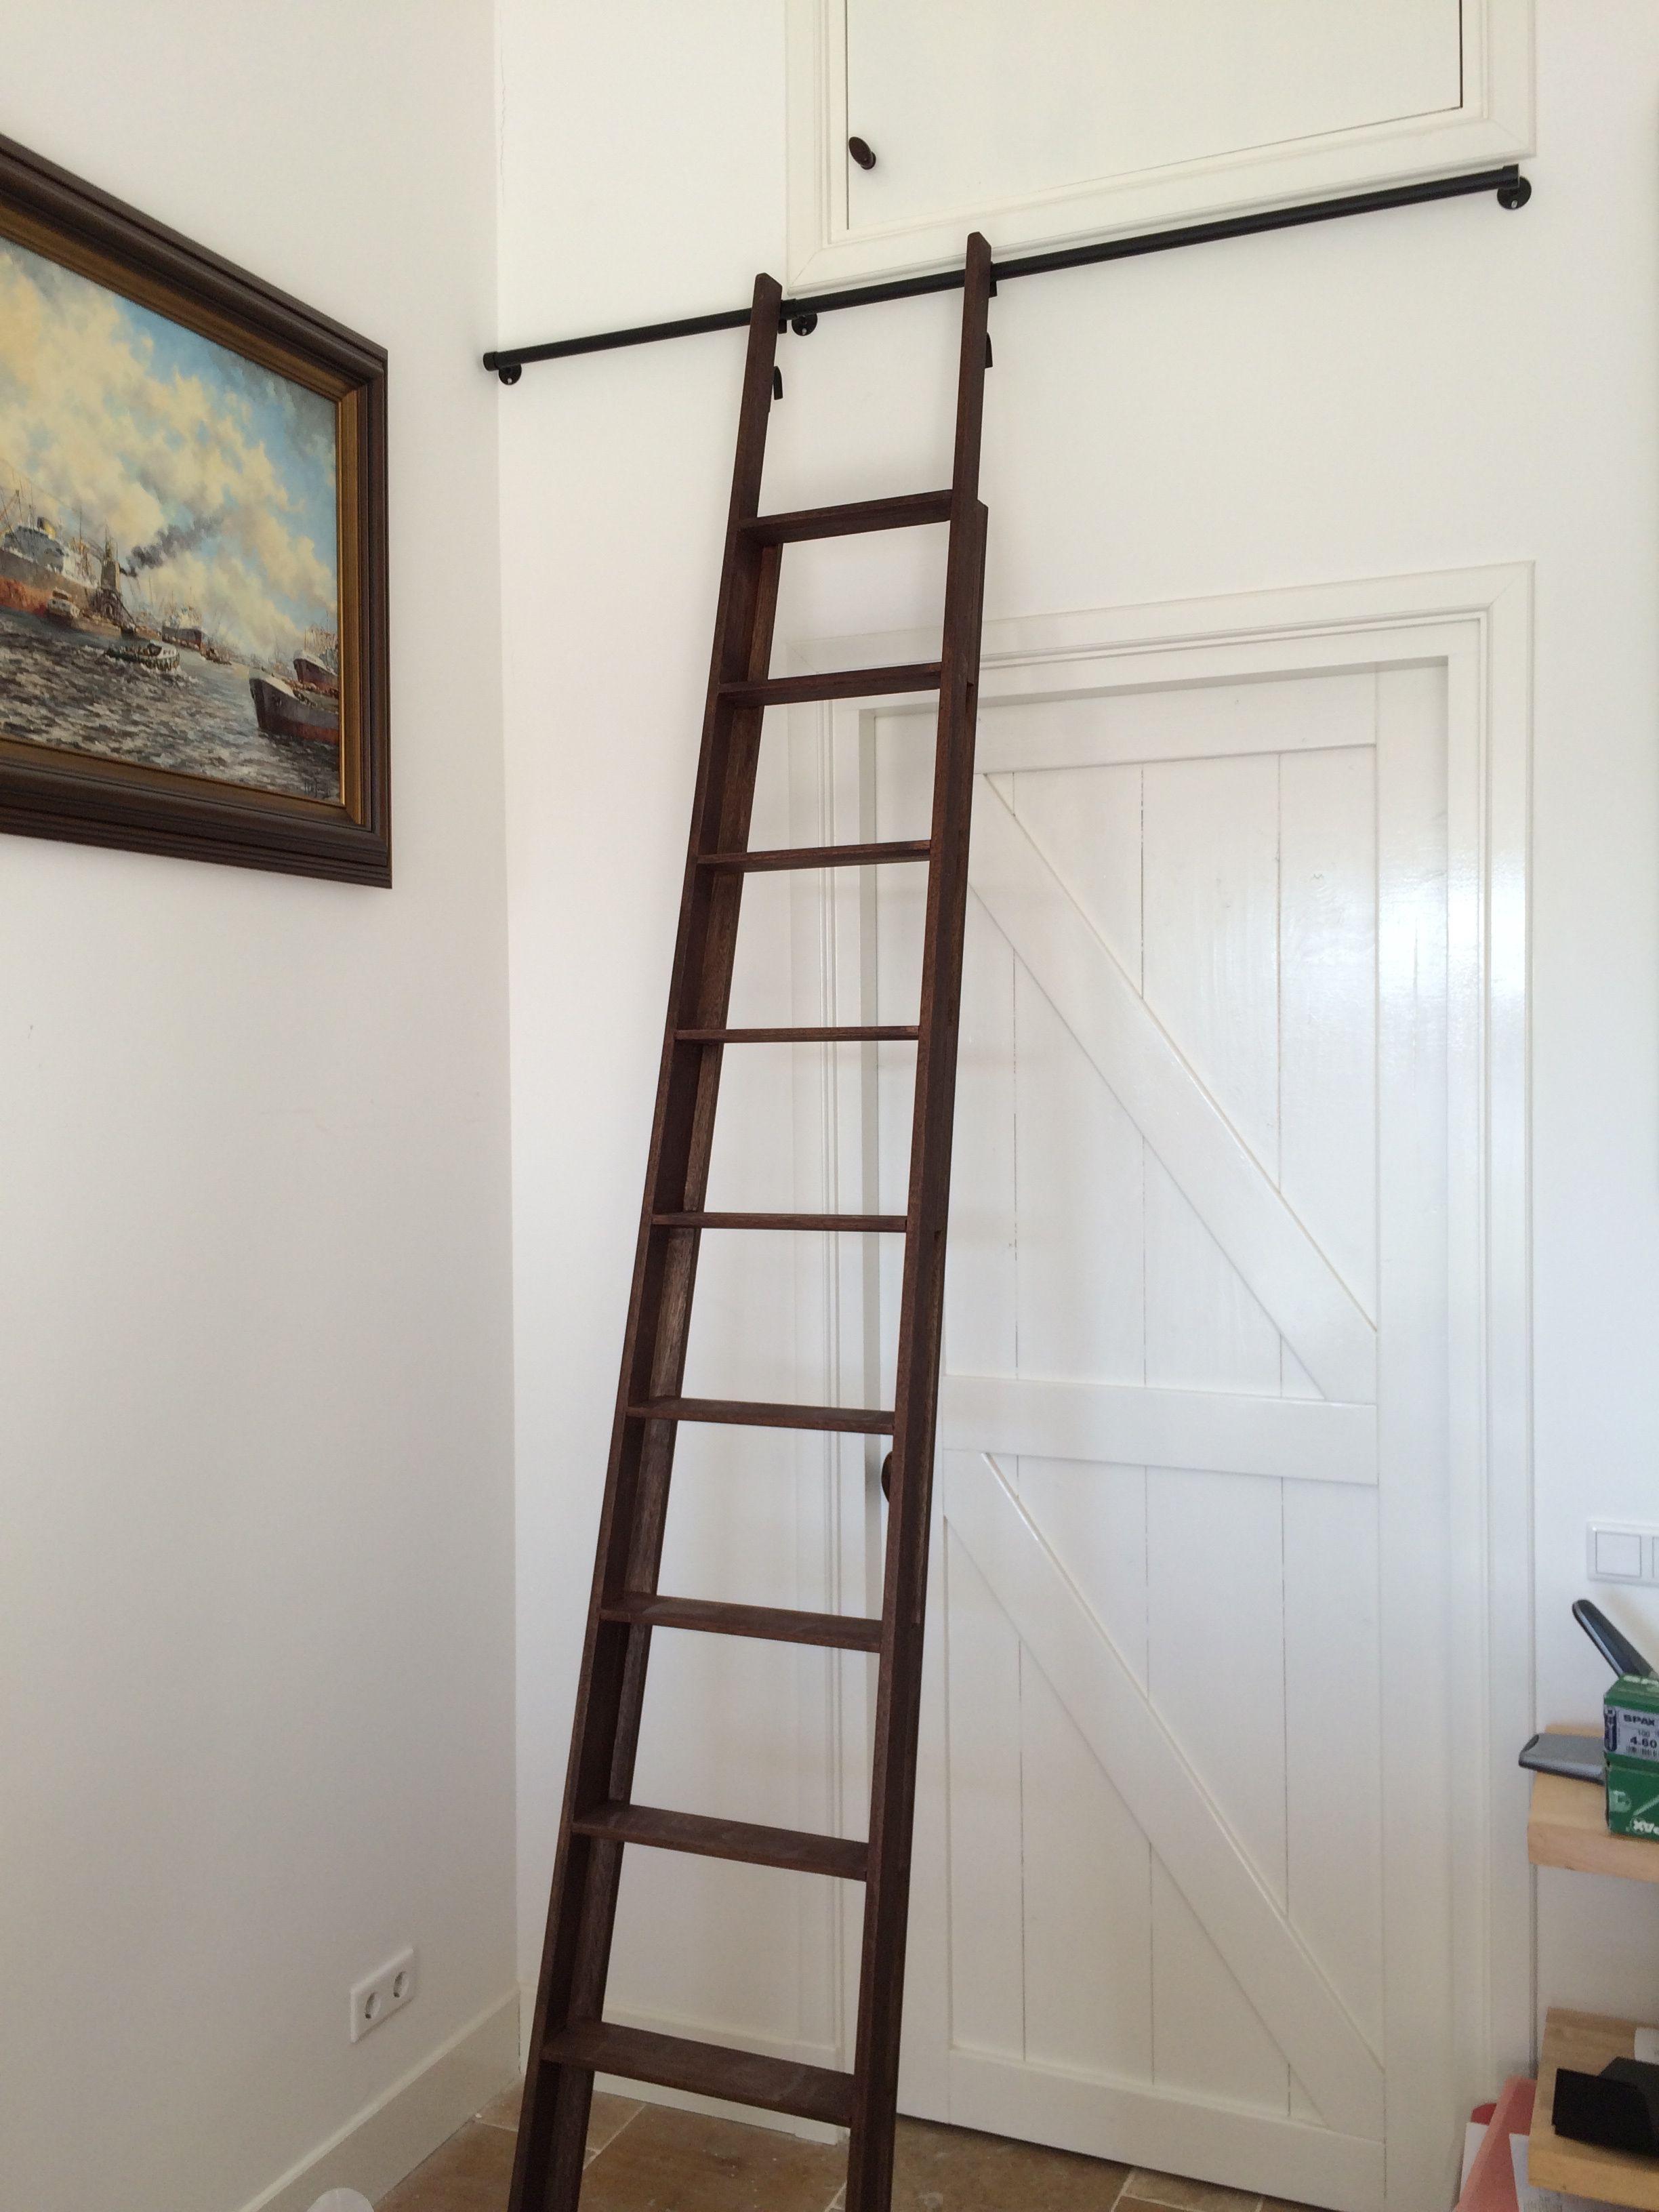 Klassieke trap  wwwladdertjesnet  Laddertjes in 2019